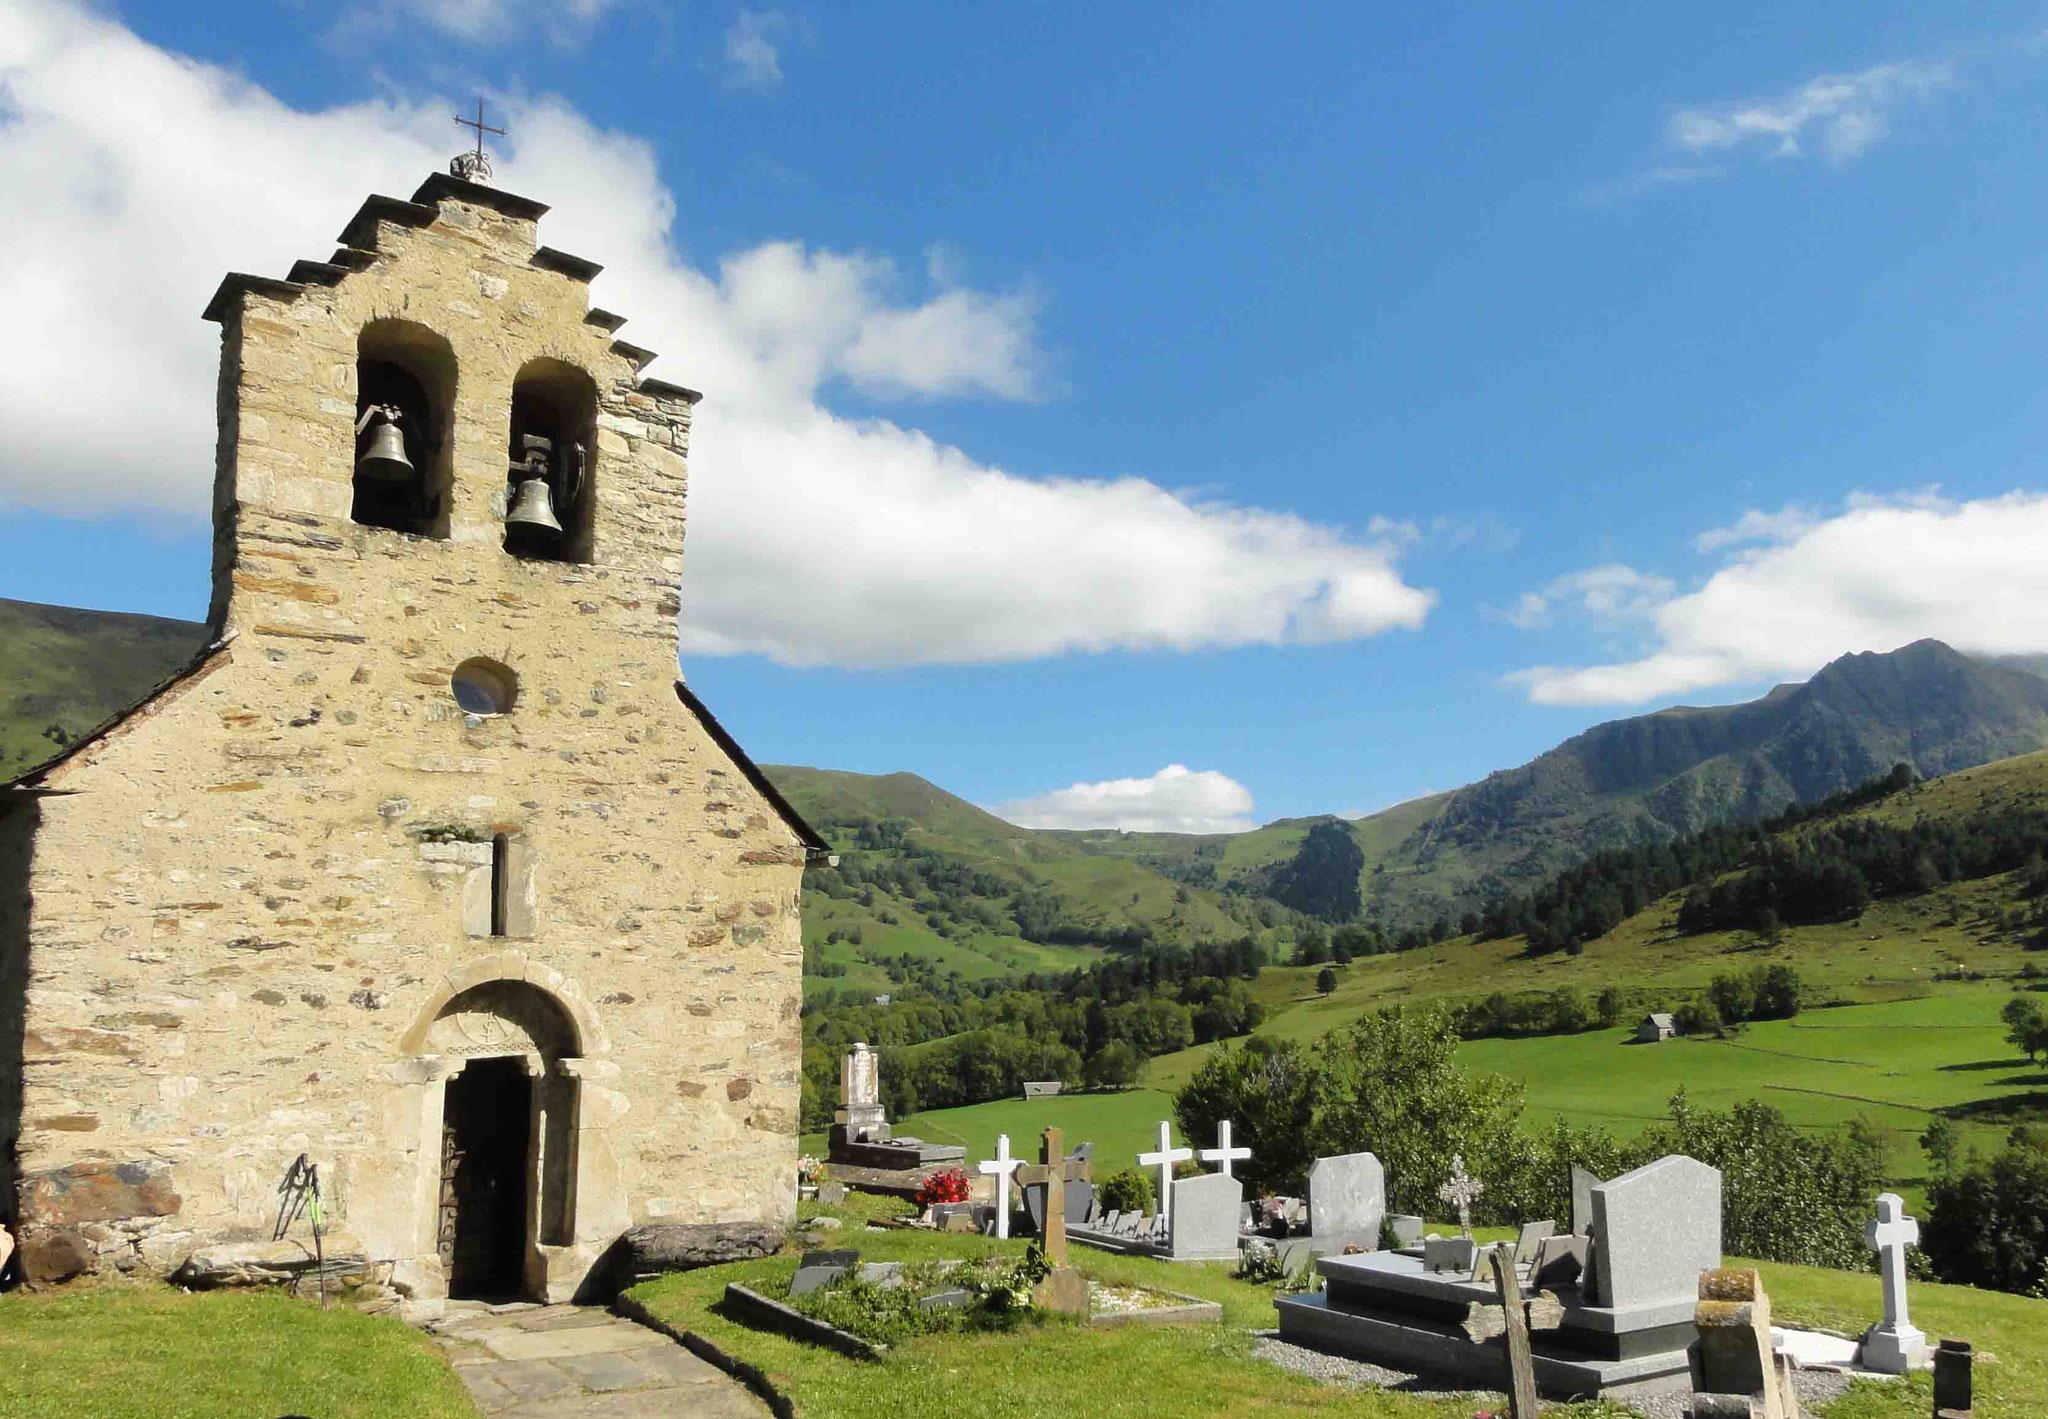 La chapelle d'Ens, allez la visiter... vous ne serez pas déçus